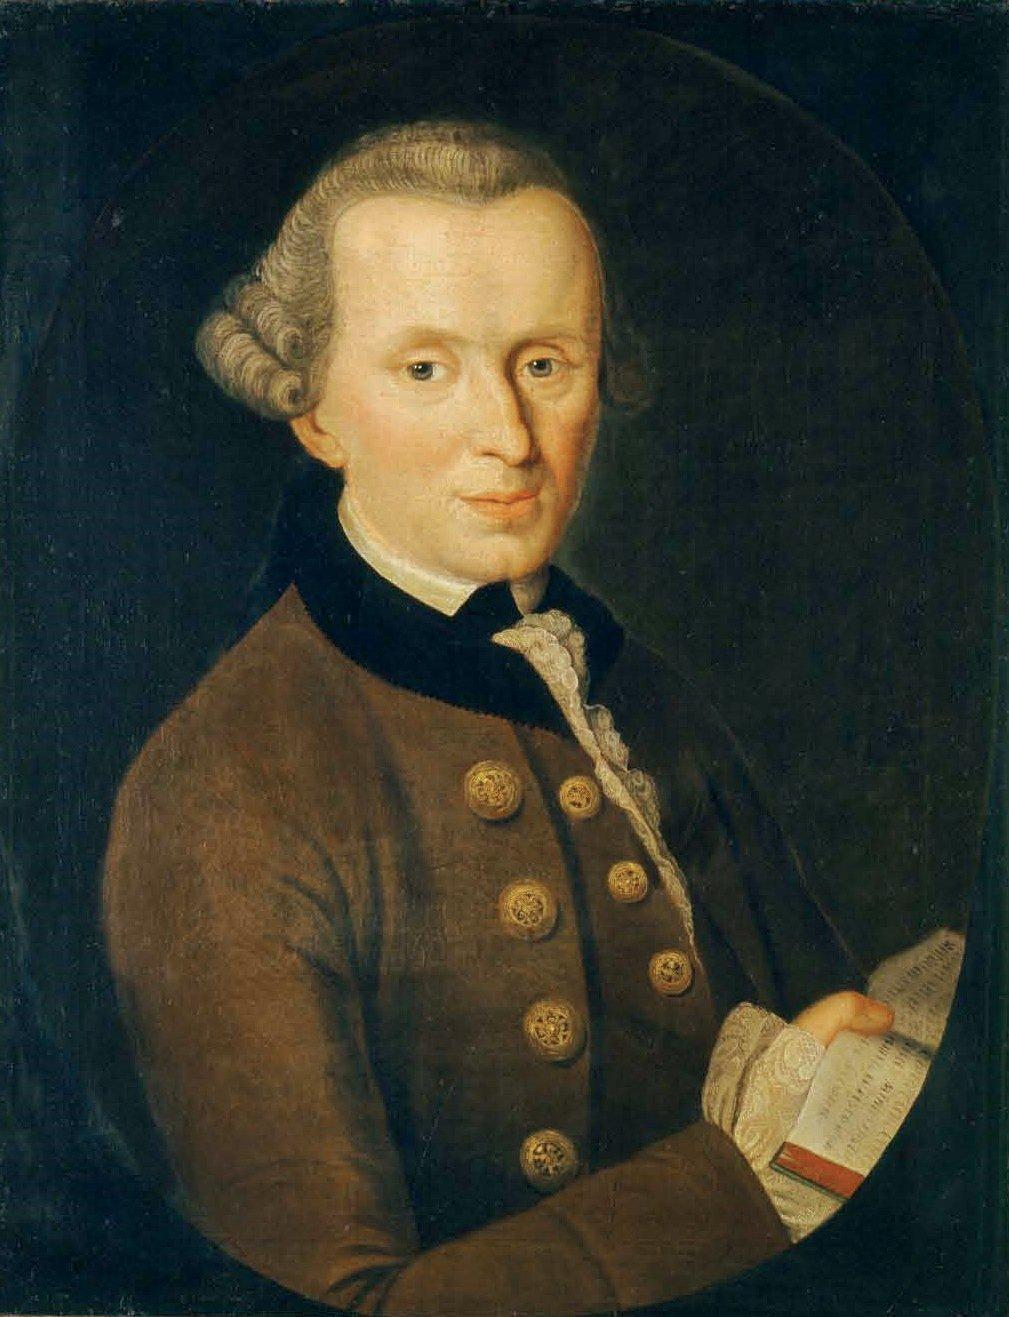 Портрет Иммануила Канта, 1768 год (холст, масло). Иоганн Готтлиб Беккер.